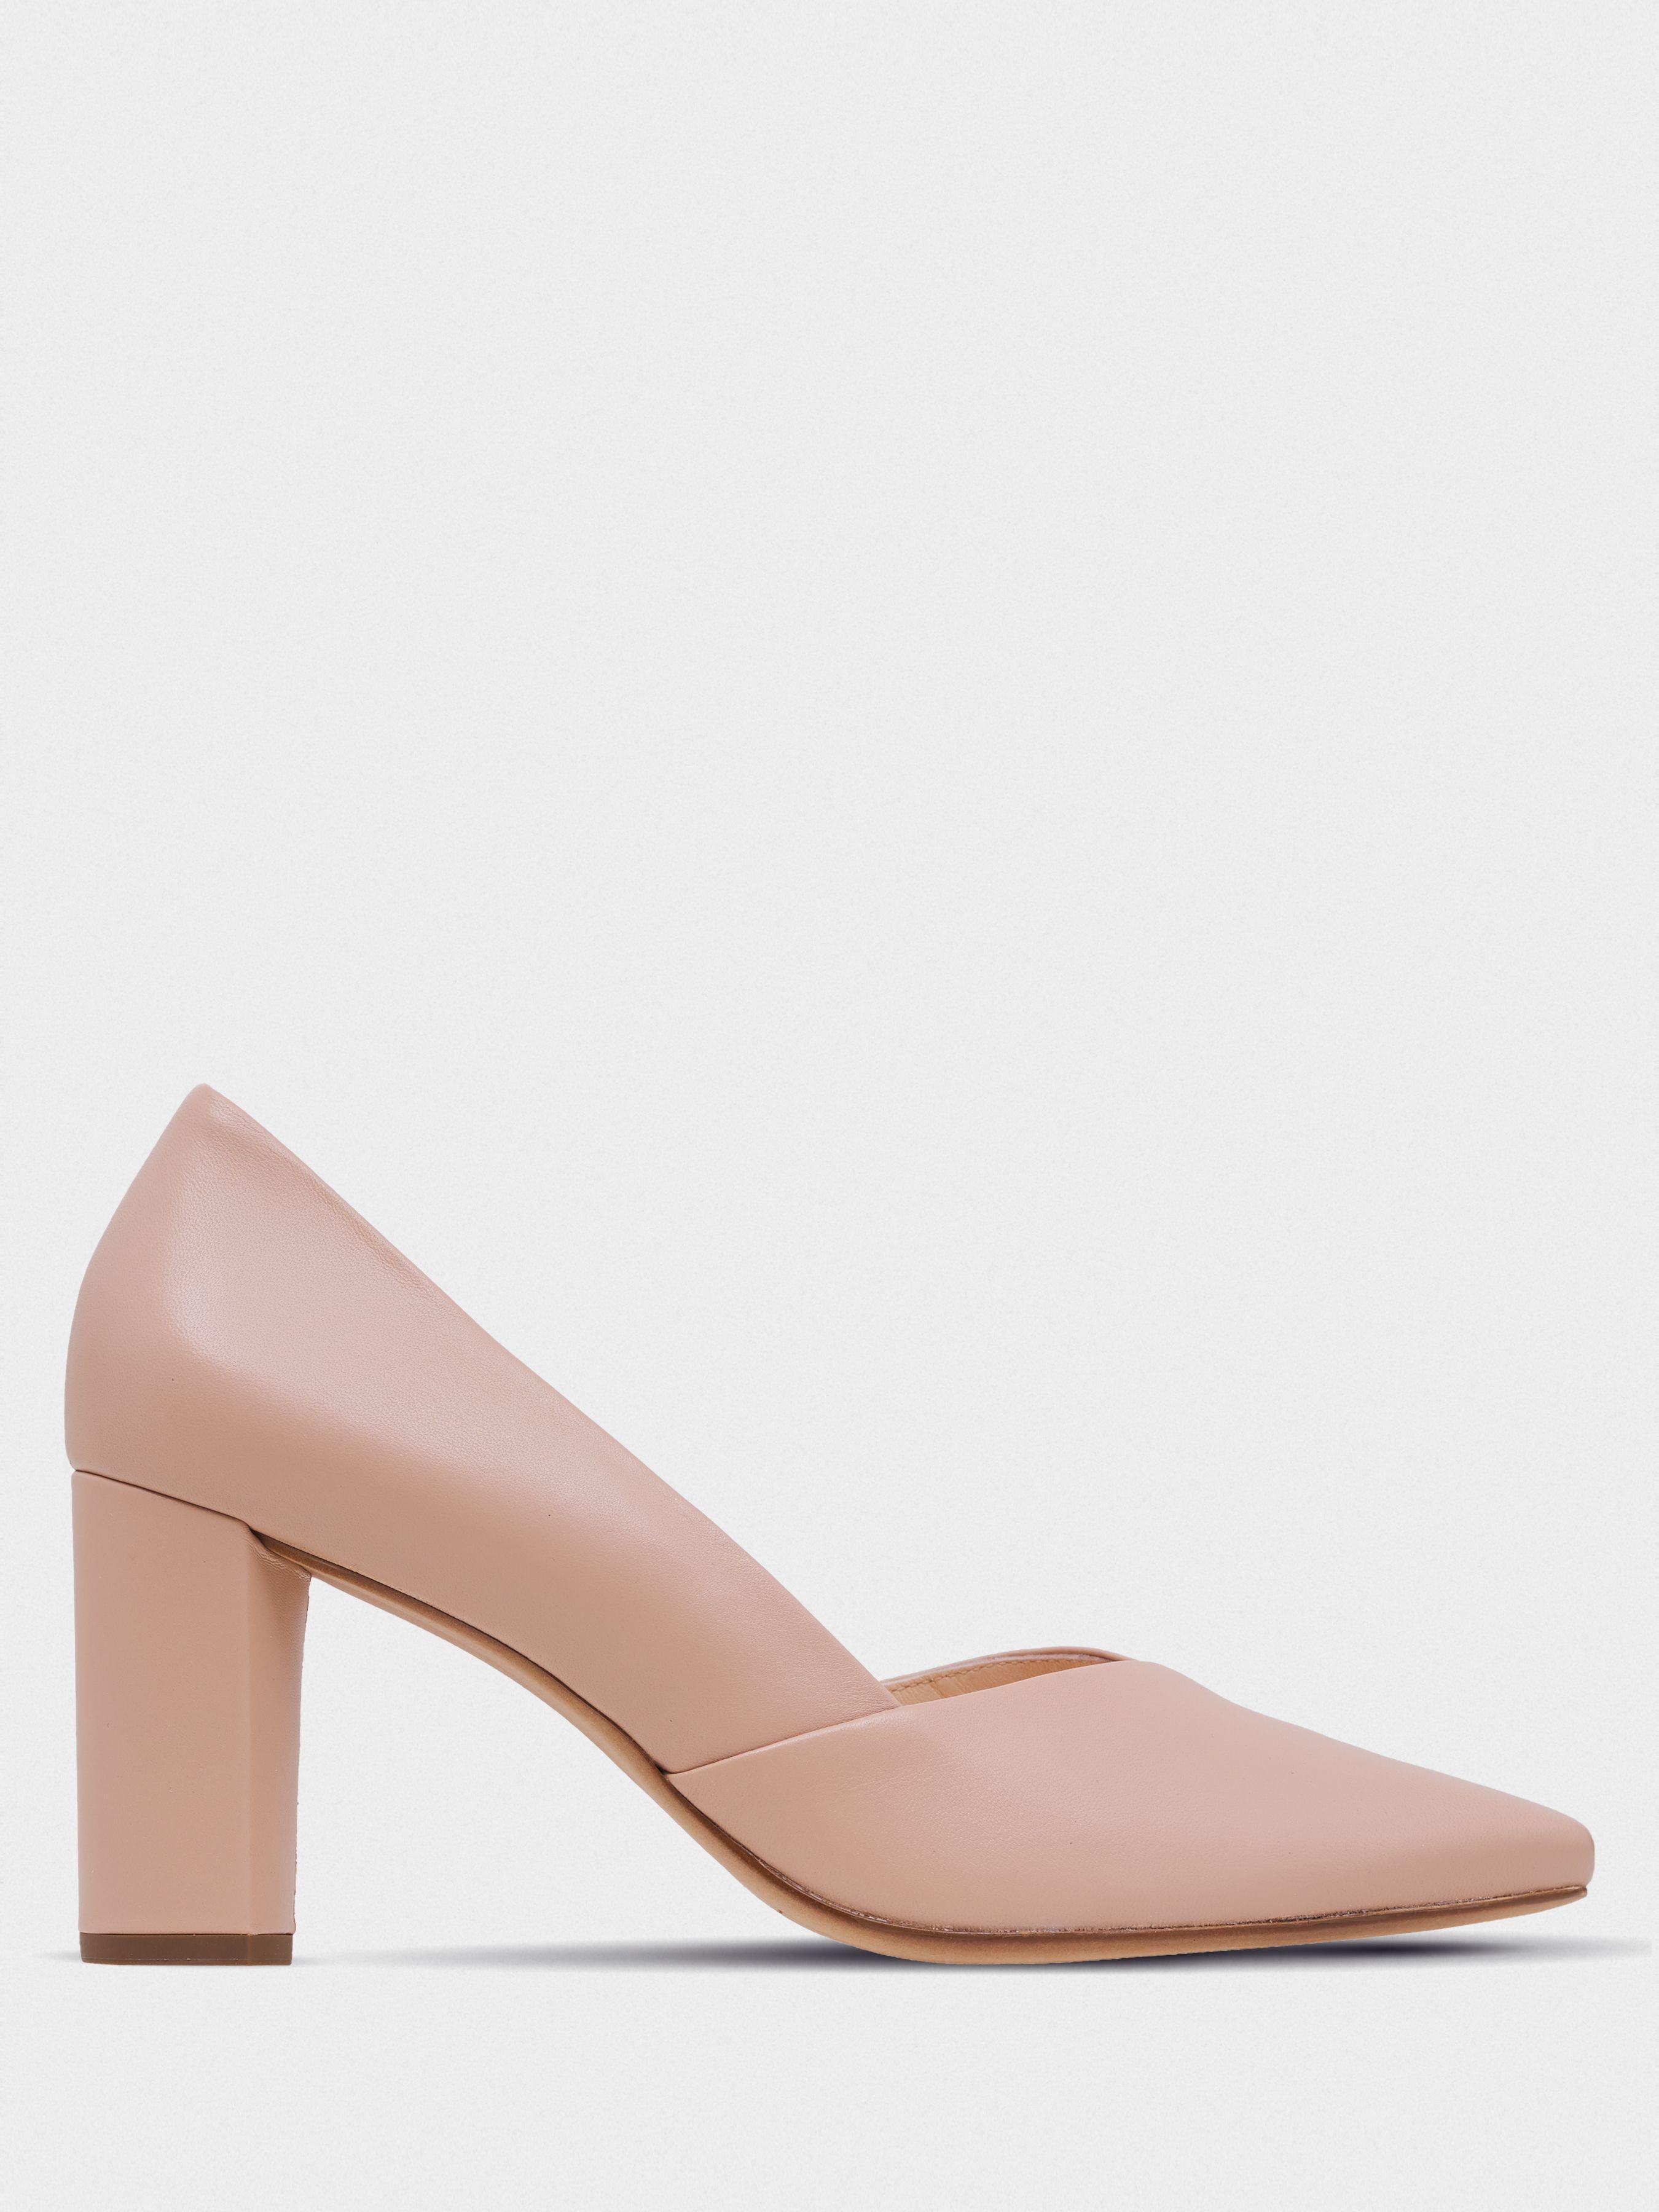 Купить Туфли женские Hogl YN4024, Бежевый